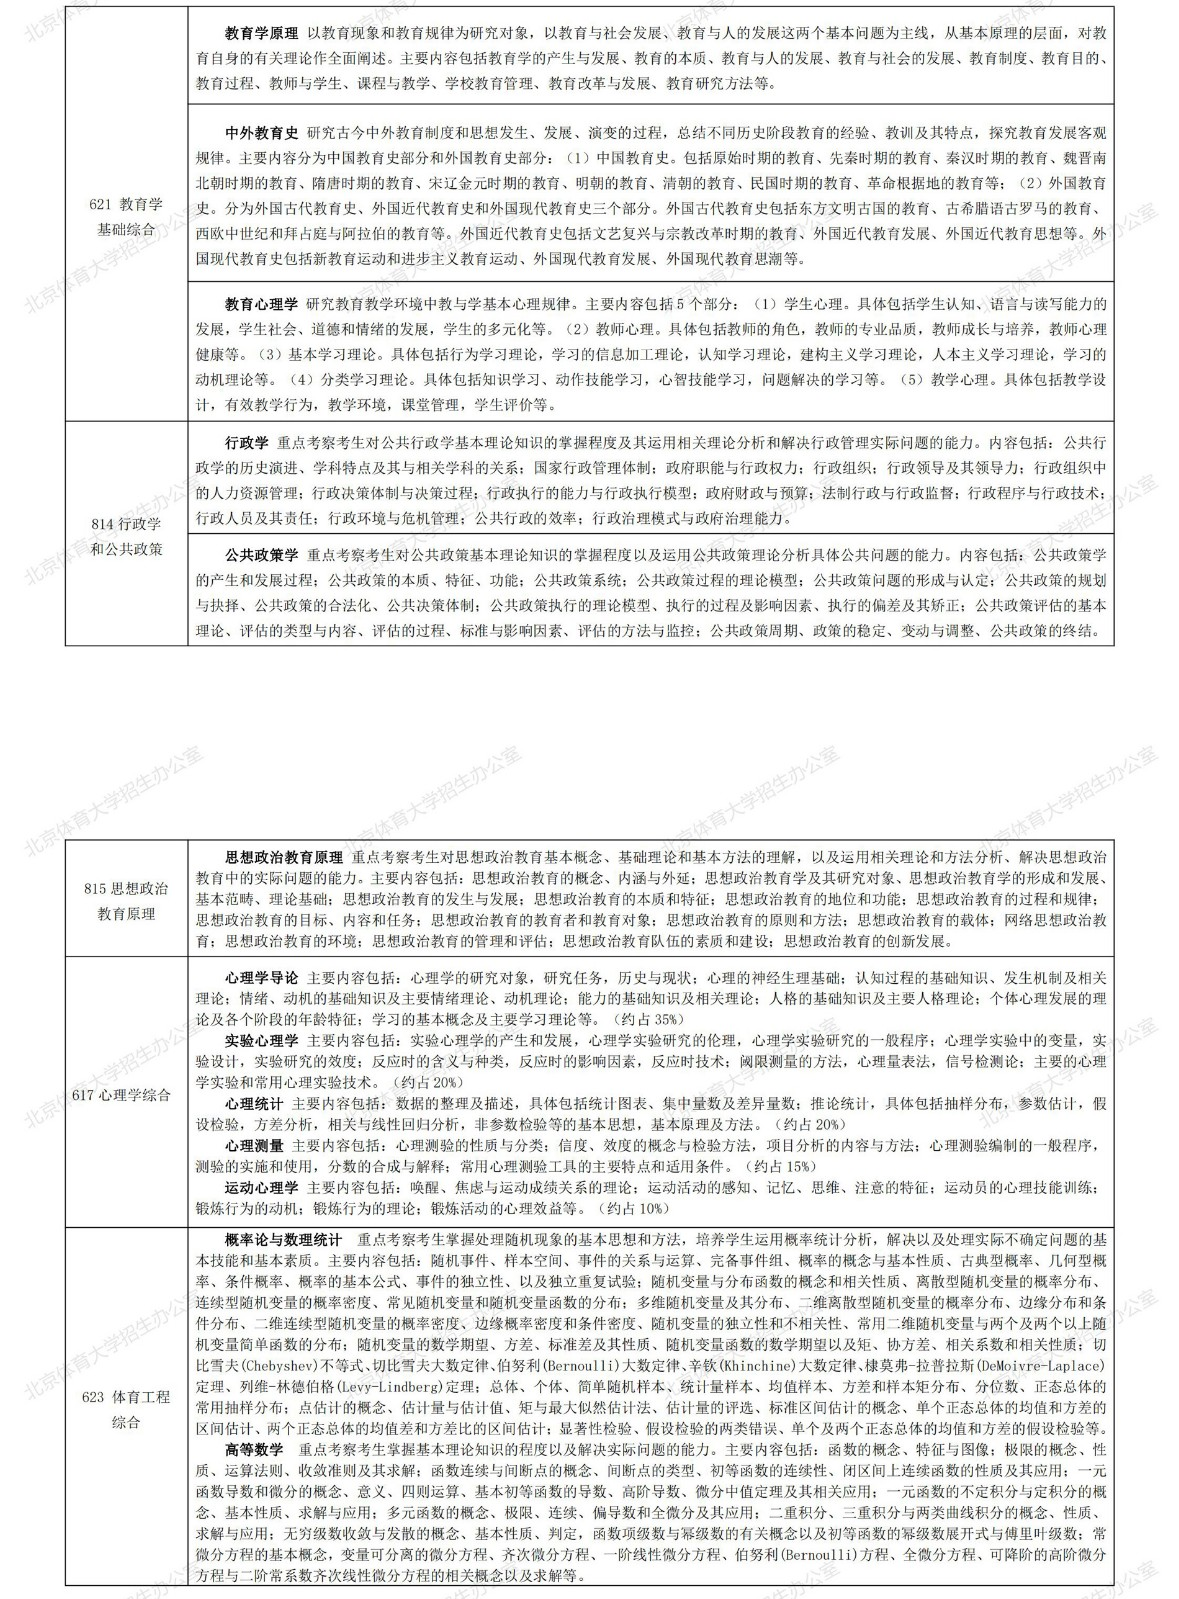 2022年北京体育大学硕士研究生自命题科目考试内容说明及题型设置